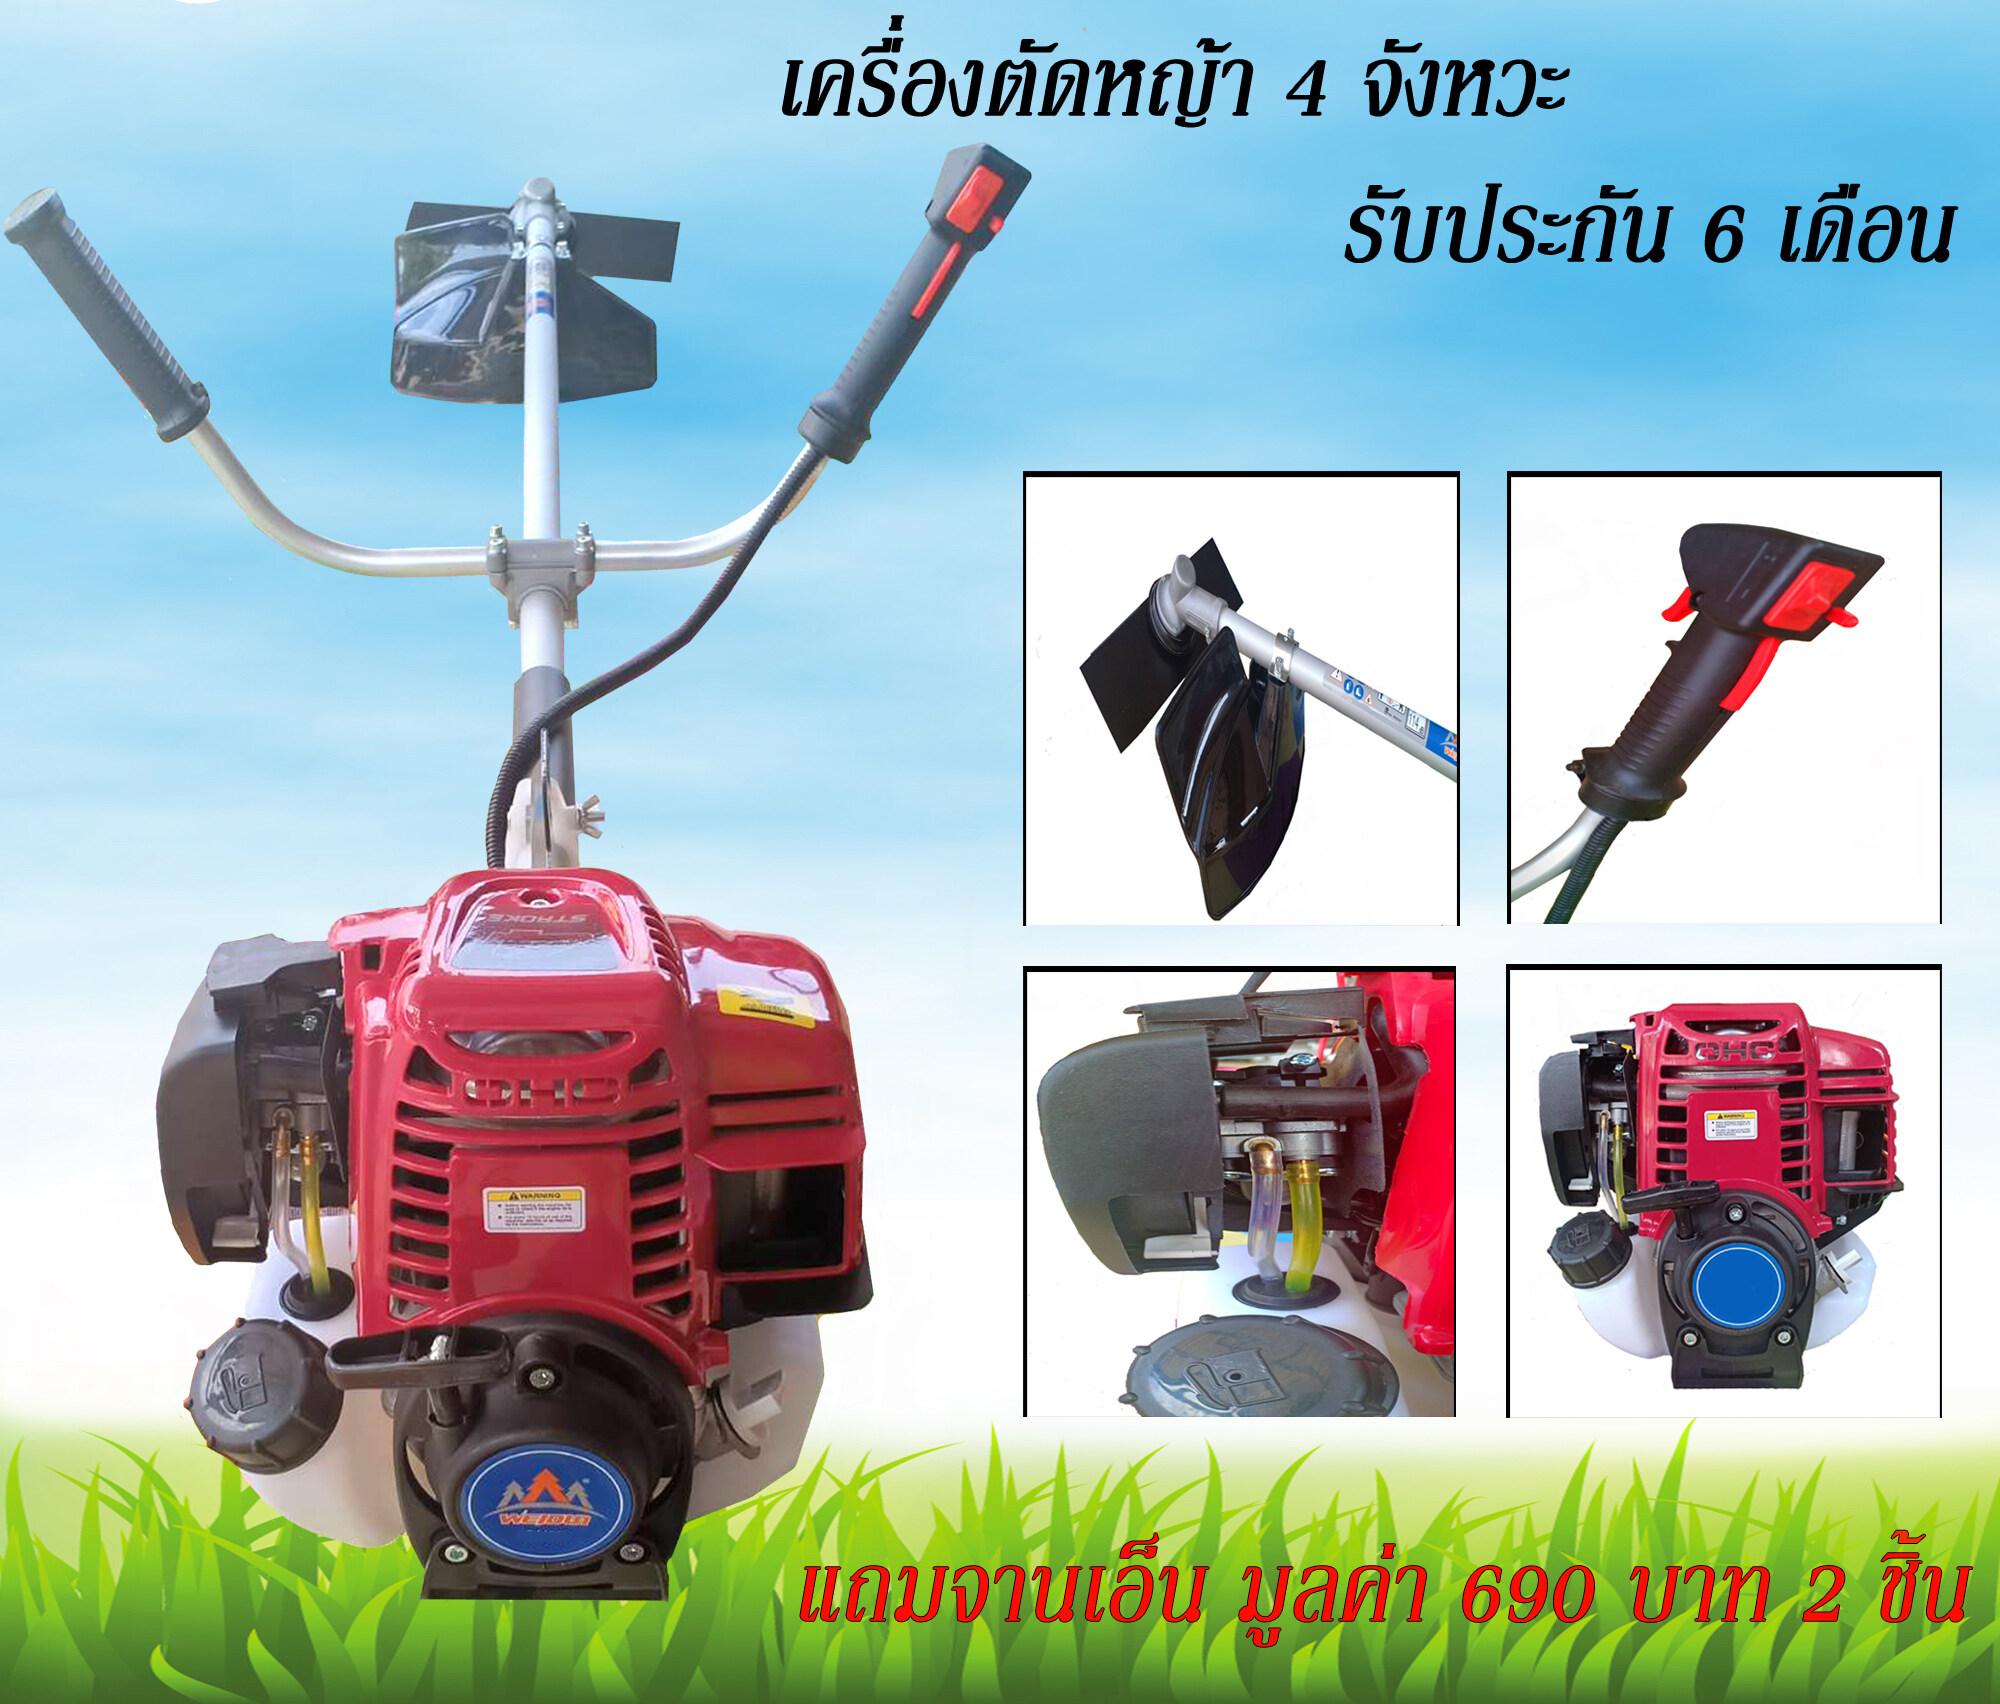 เครื่องตัดหญ้า เครื่องตัดหญ้าสะพายบ่า 4 จังหวะ เครื่องตัดหญ้าอเนกประสงค์ อุปกรณ์การเกษตร สตาร์ทติดง่าย น้ำหนักเบา แถมฟรีจานเอ็น 2 ชิ้นมูลค่า 690 บาท และส่งฟรีทั่วไทย.